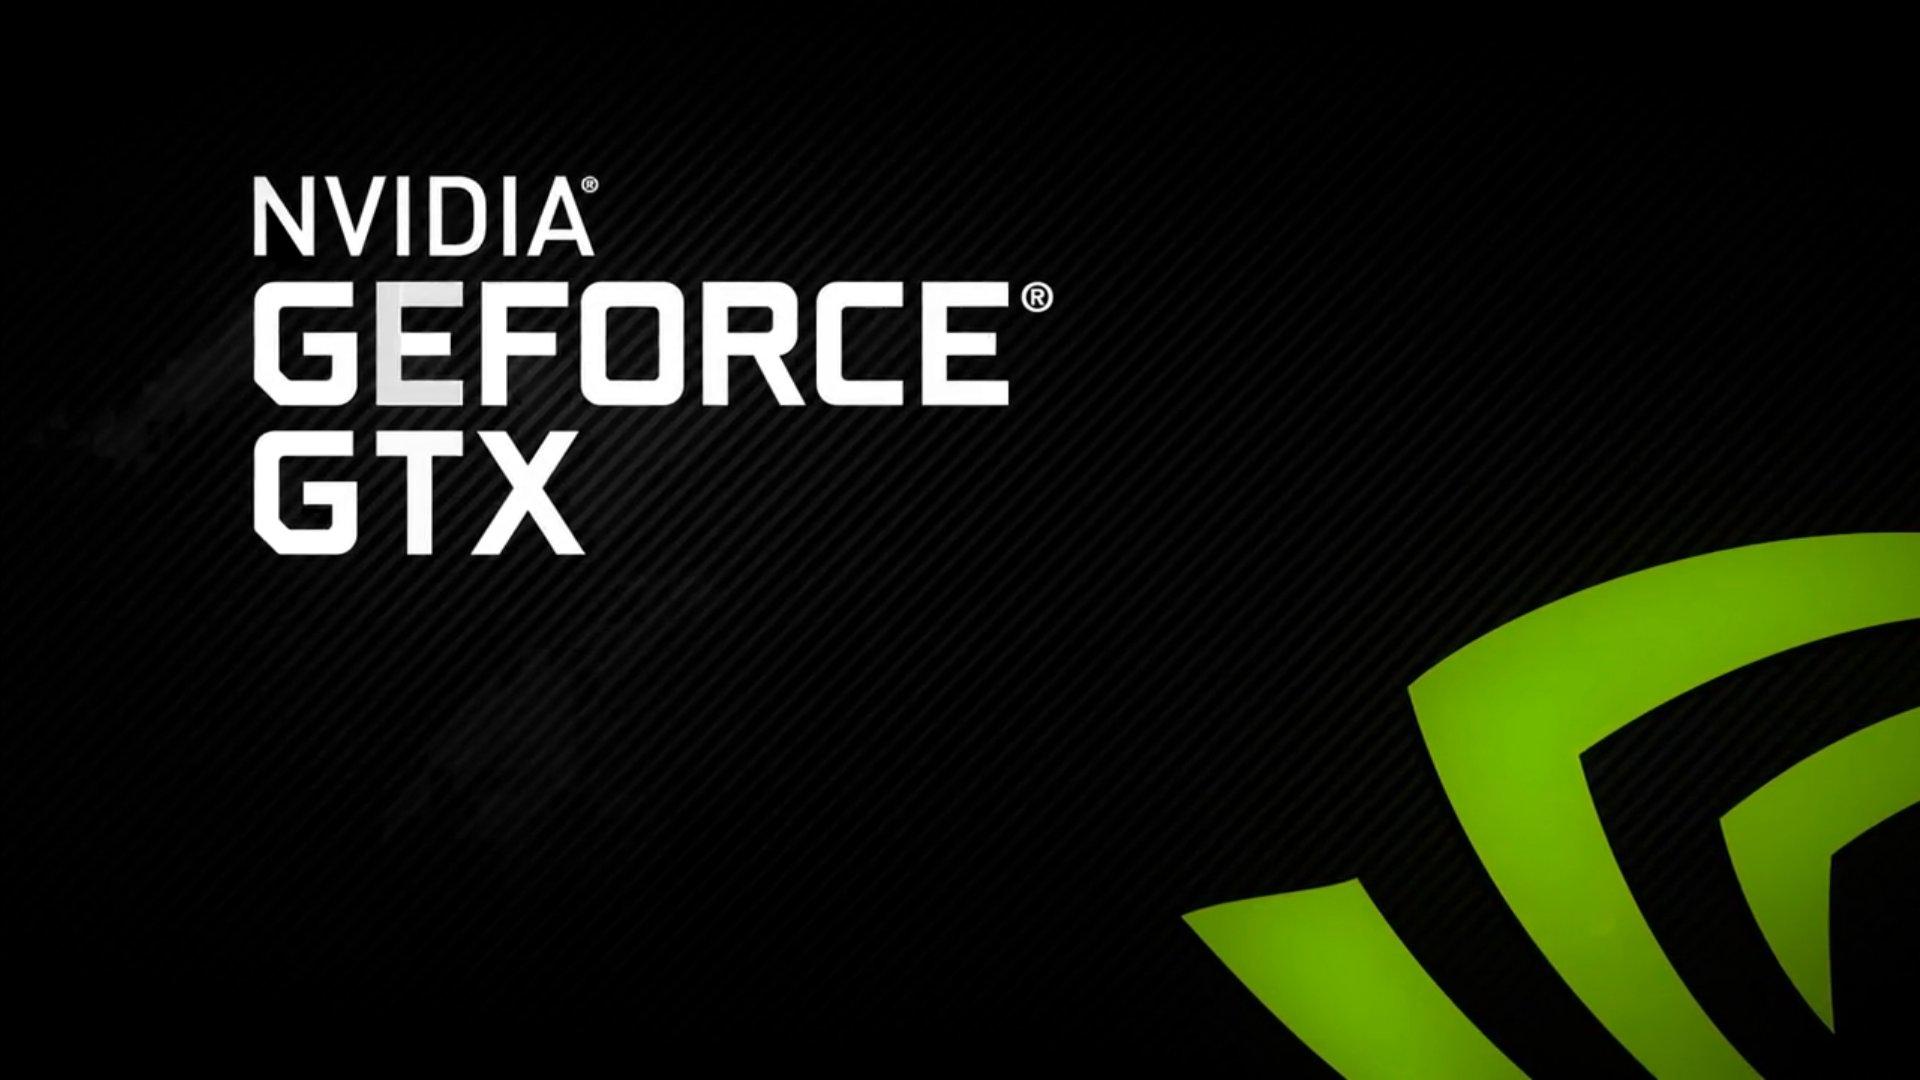 скачать драйвера для видеокарты geforce gtx 660 2014